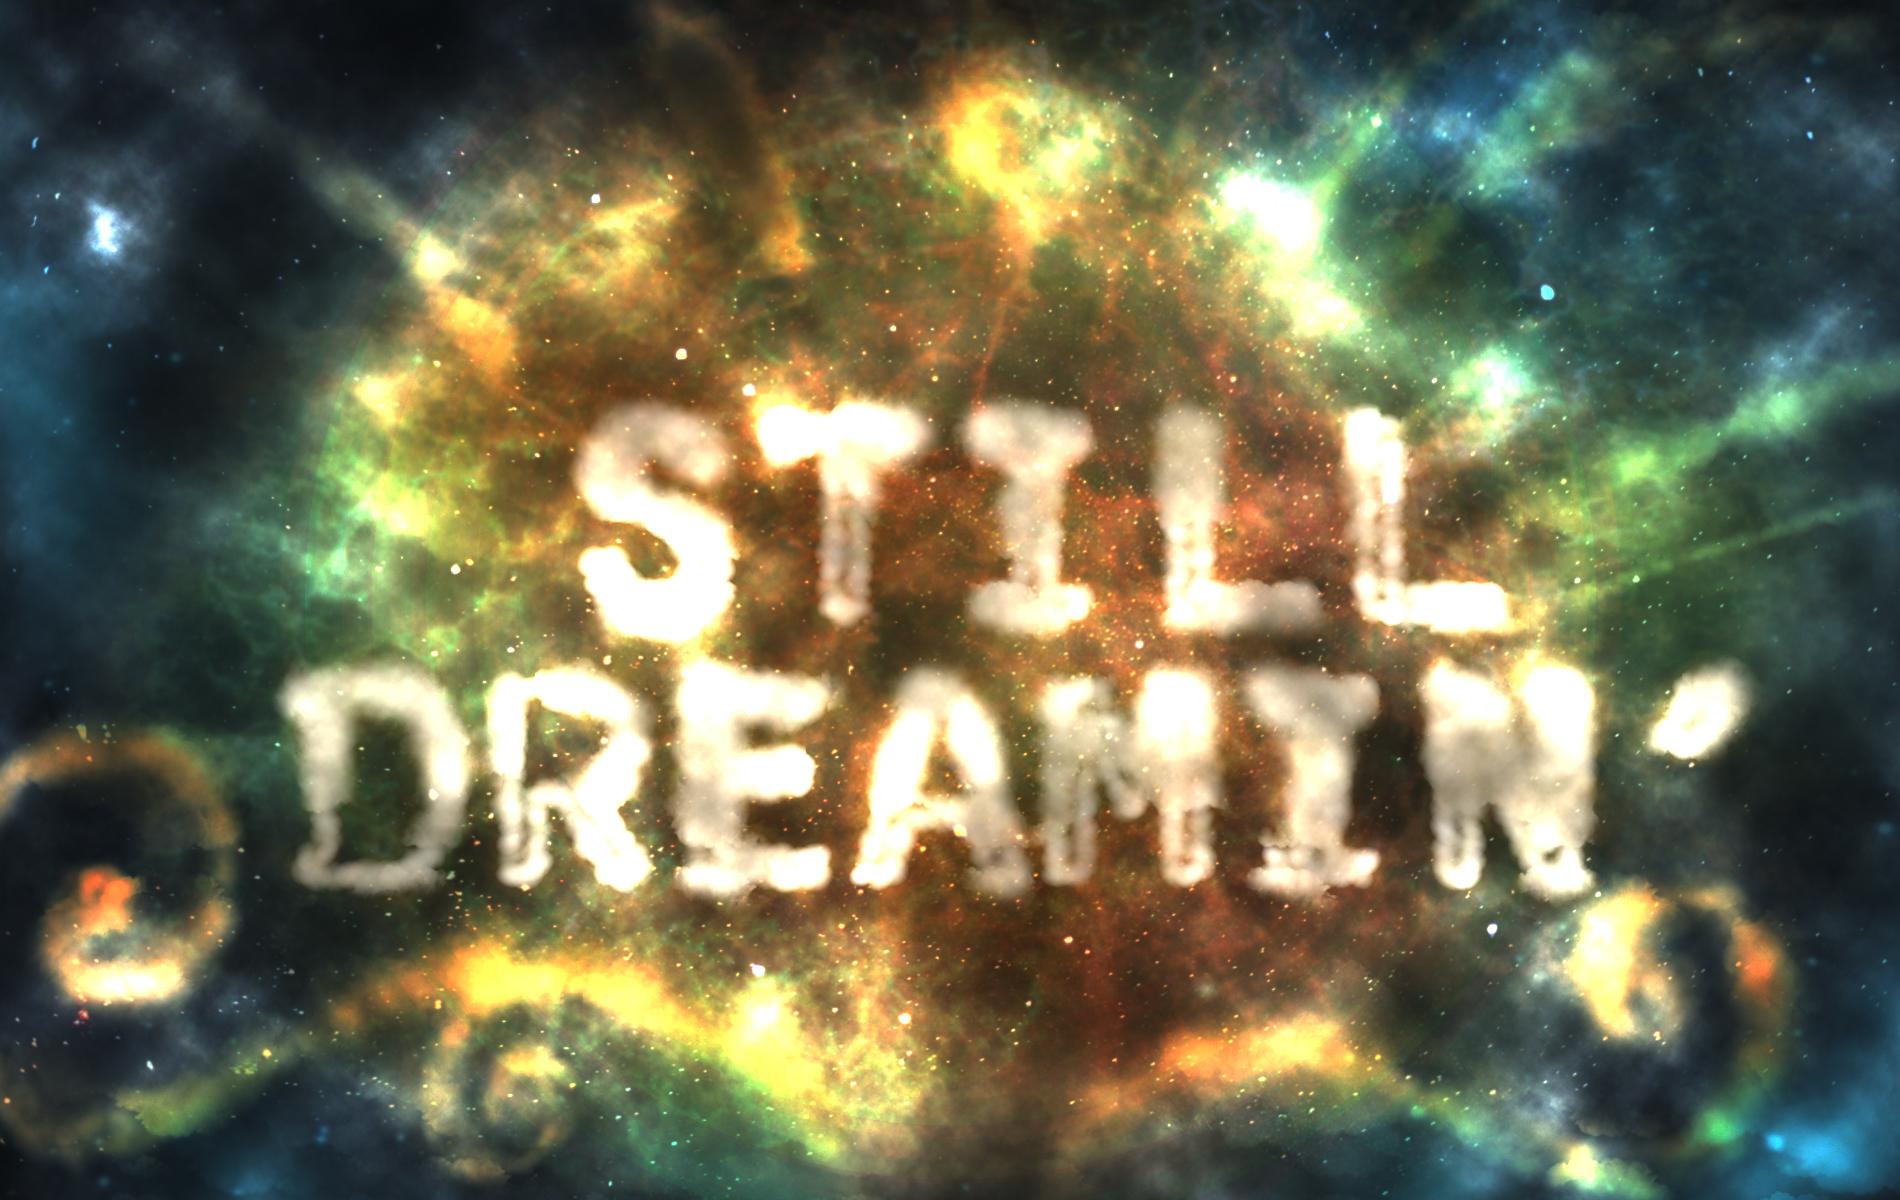 Still Dreamin' by jjutt